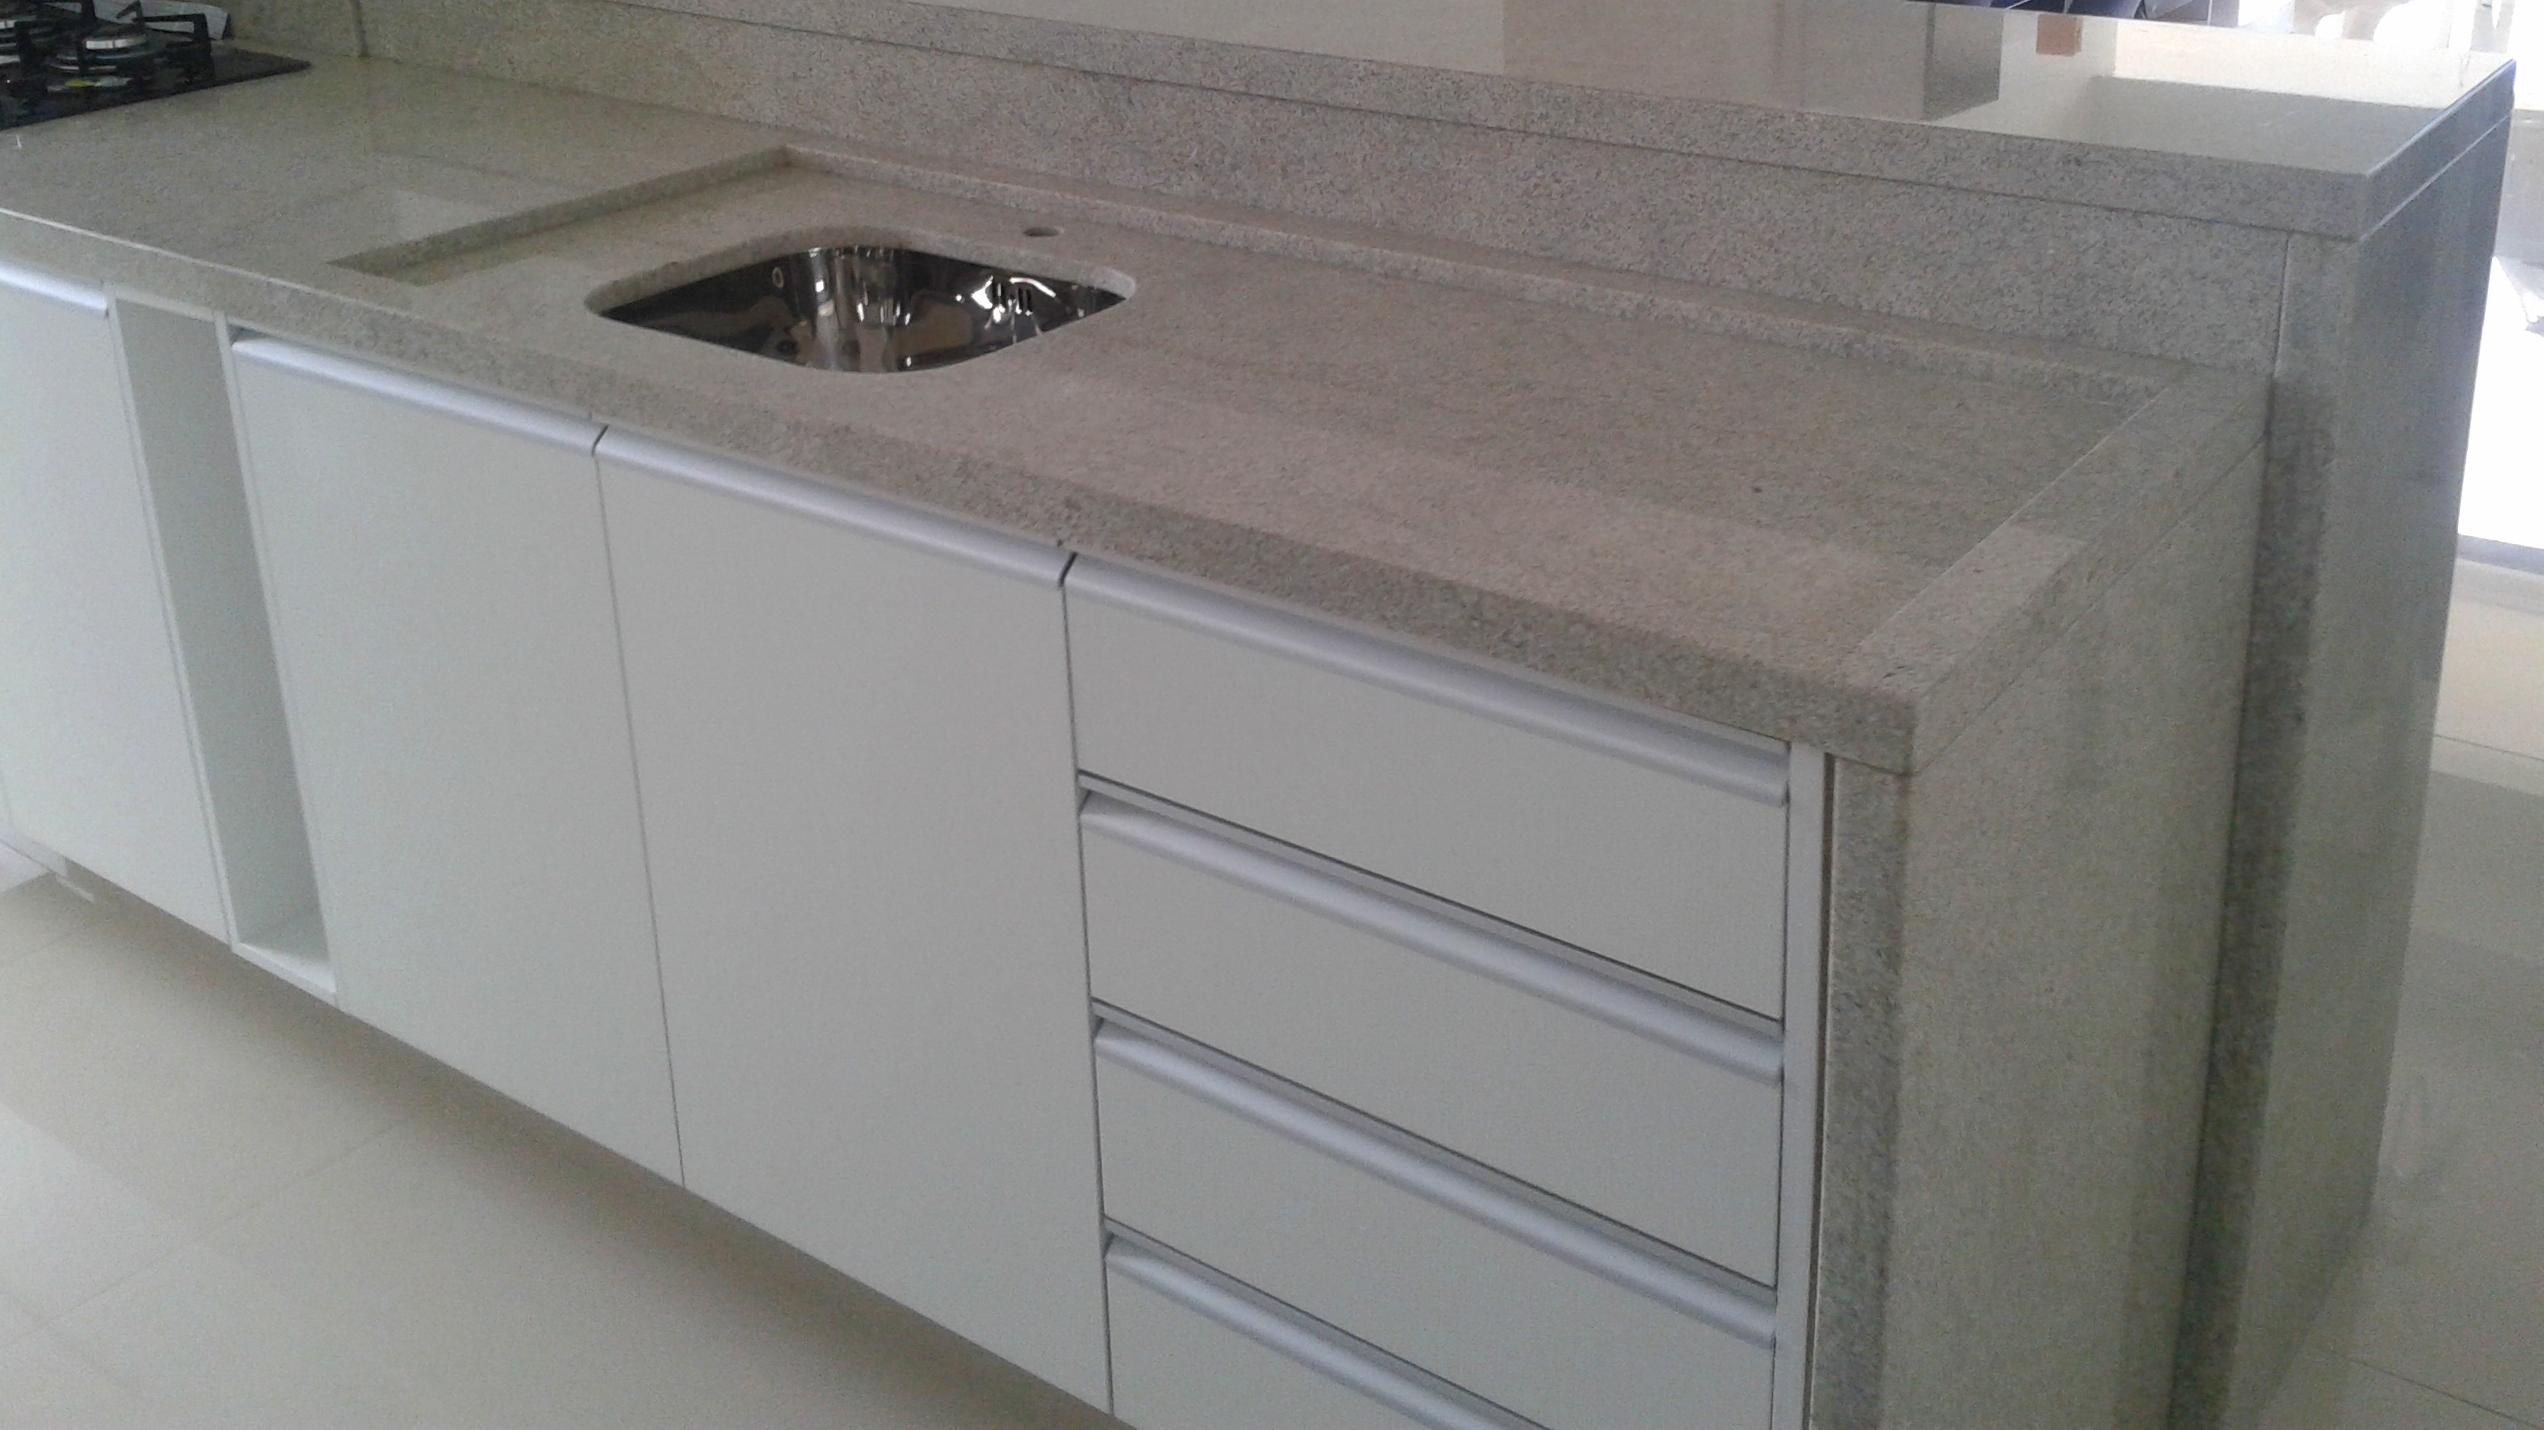 granito branco itaúnas quartzo branco stellar granito café imperial  #59534B 2544x1430 Banheiro Com Granito Branco Itaunas